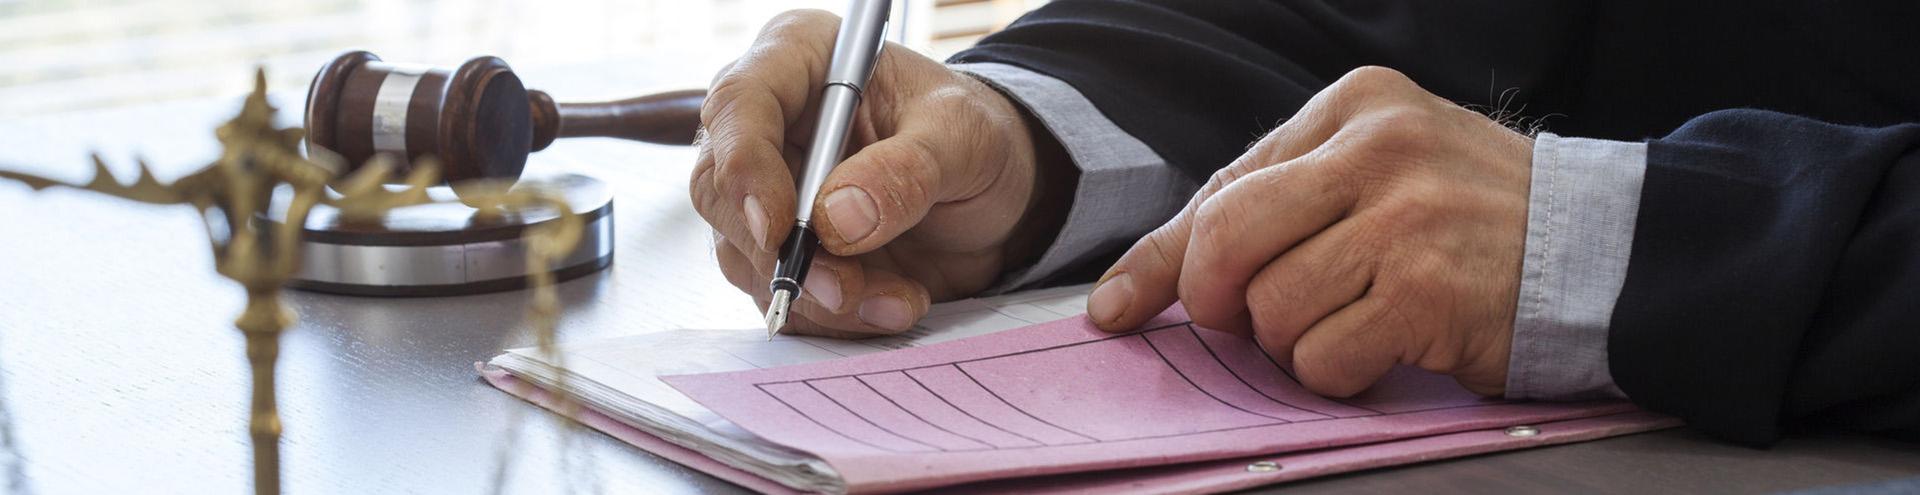 розыск должника в исполнительном производстве в Нижнем Новгороде